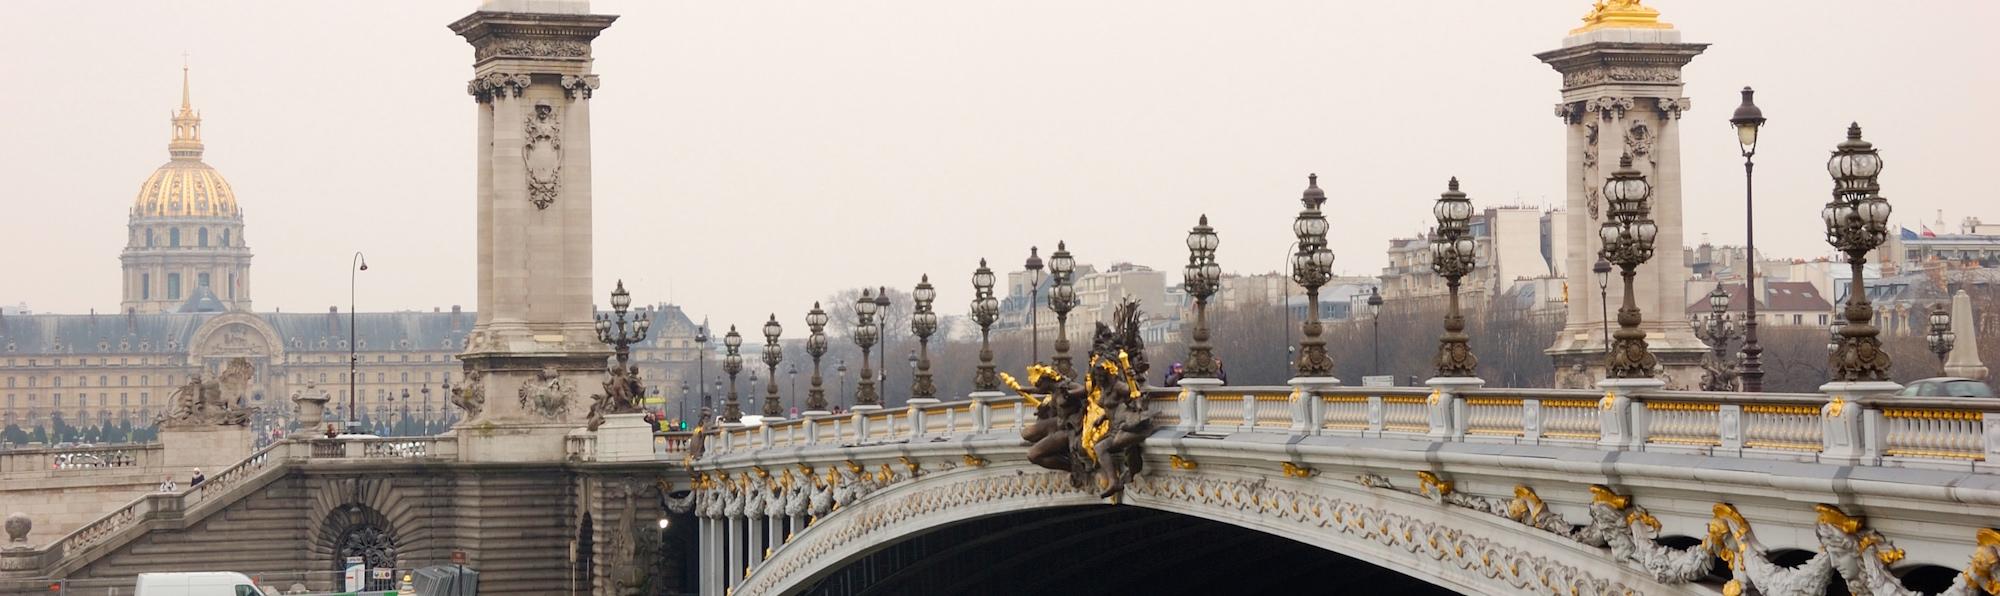 Puente Alejandro III Abajo, París